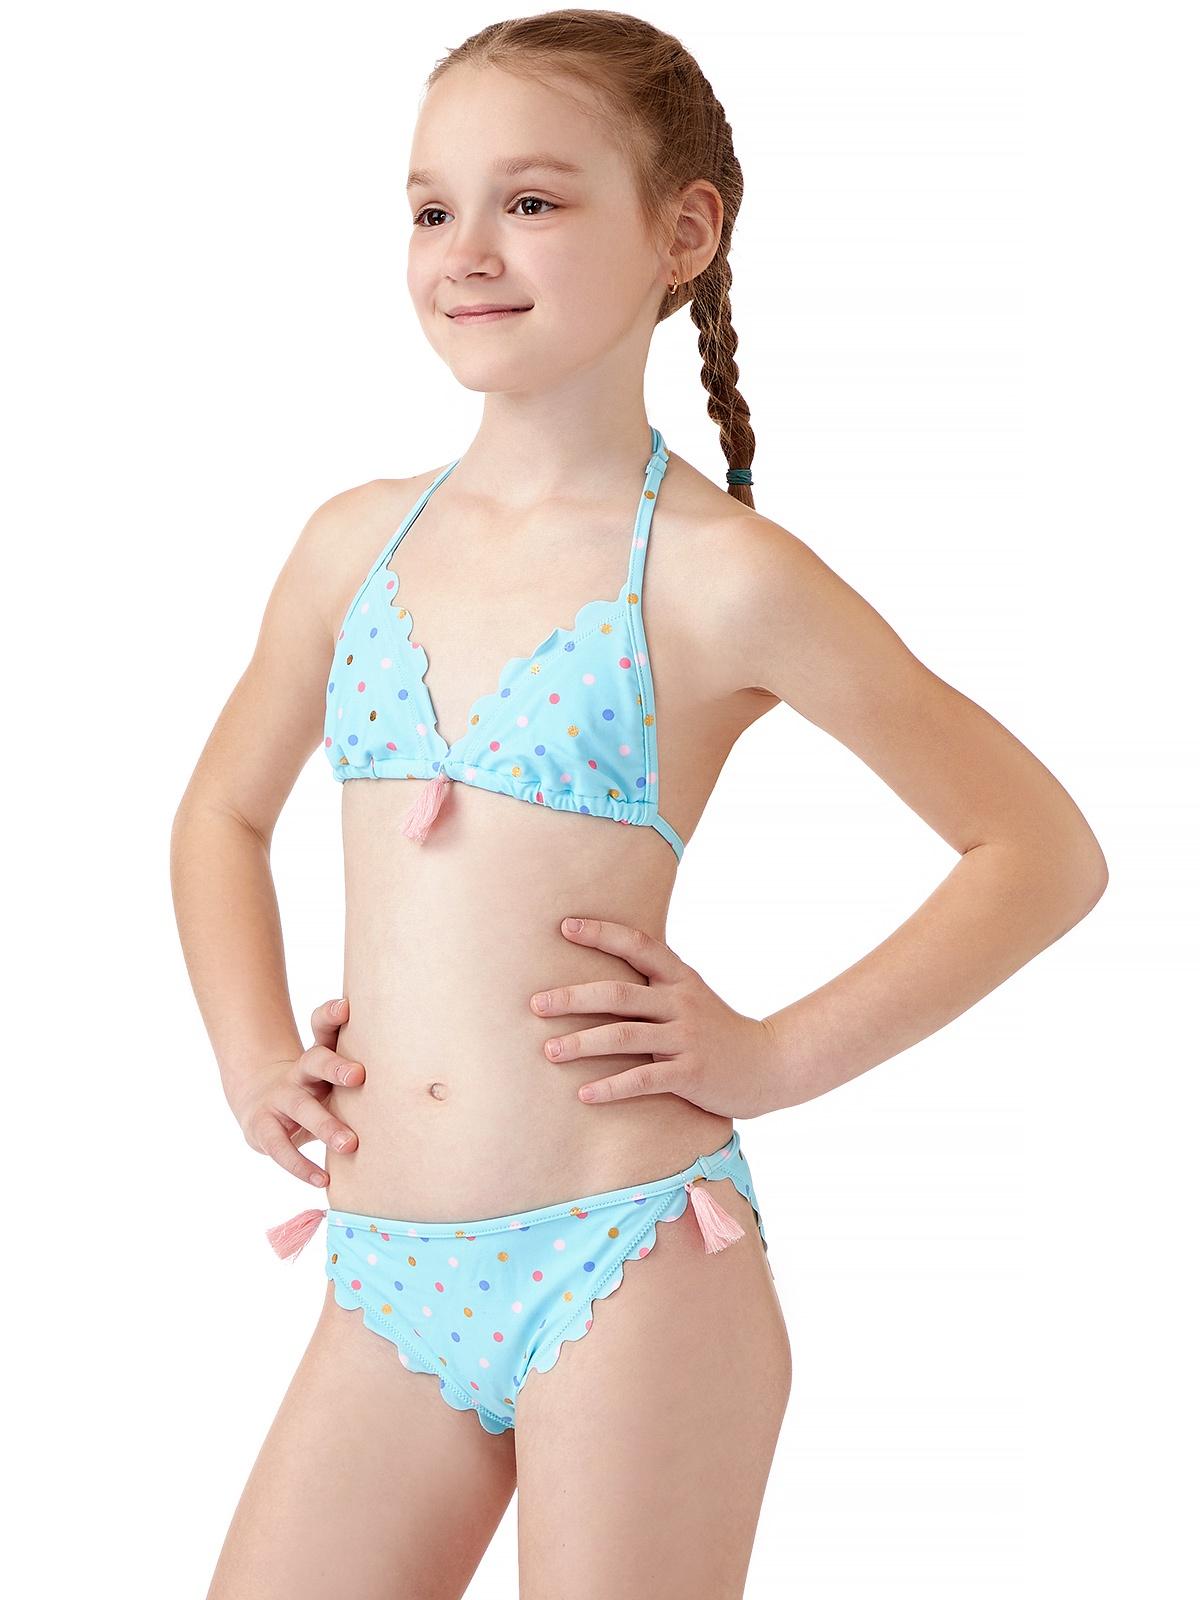 Купальник раздельный Lowry купальник раздельный женский lowry цвет синий lsb 25 размер s 42 44